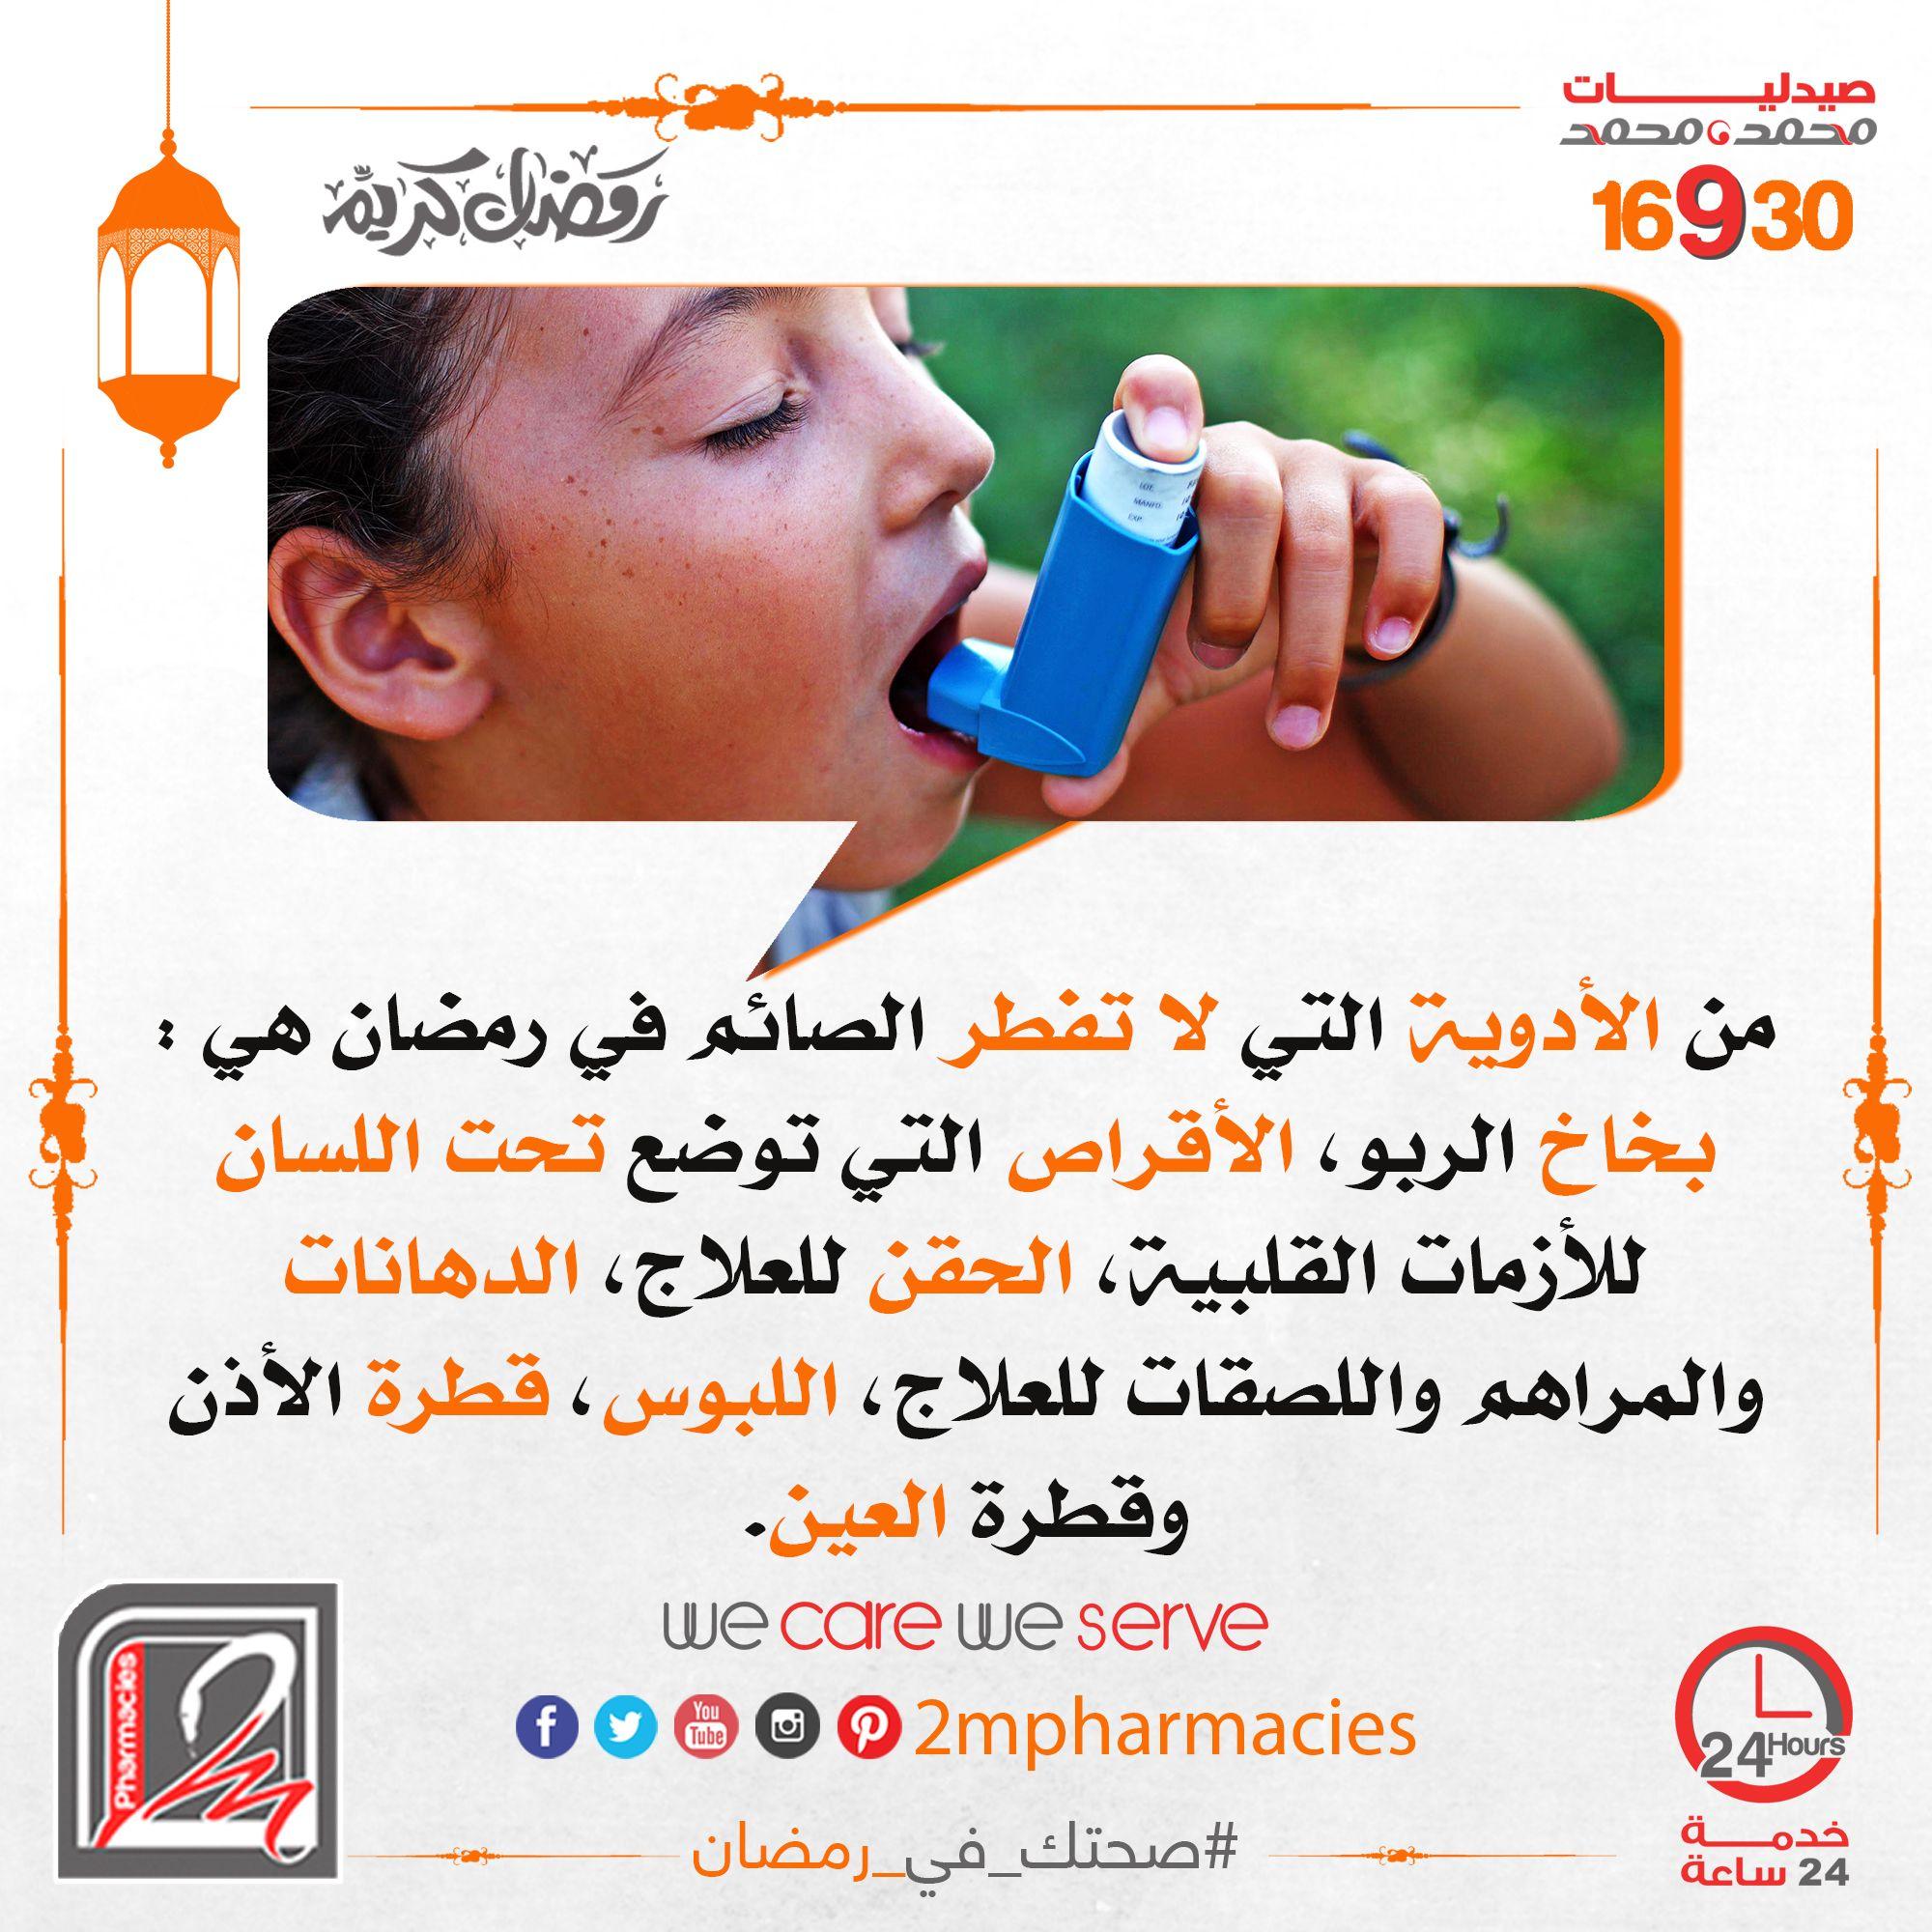 من الأدوية التي لا تفطر الصائم في رمضان هي بخاخ الربو الأقراص التي توضع تحت اللسان للأزمات القلبية الحقن للعلاج Incoming Call Screenshot Incoming Call Care